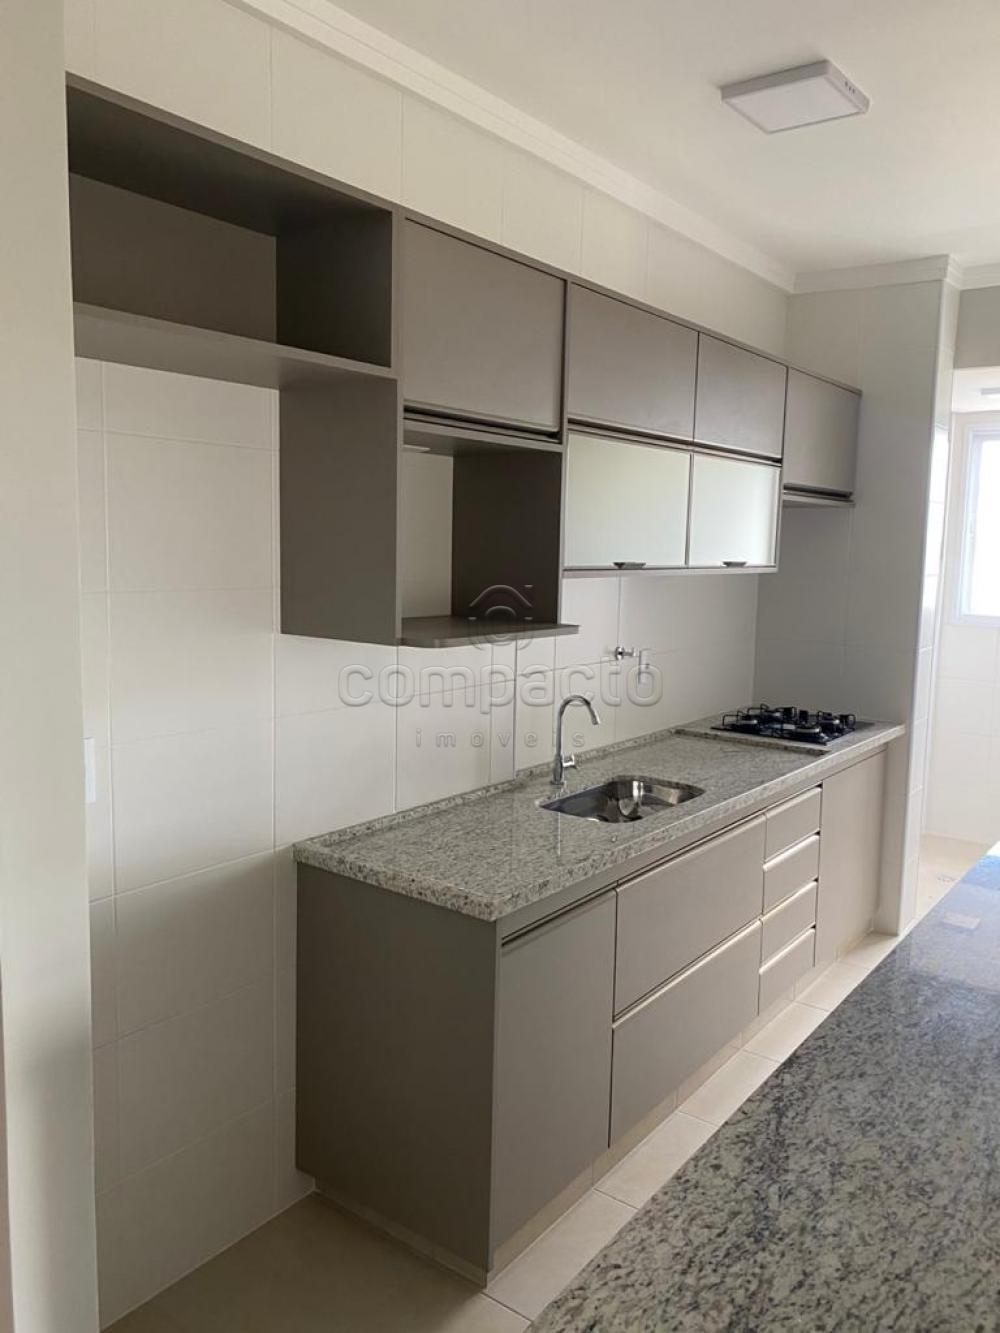 Alugar Apartamento / Padrão em São José do Rio Preto apenas R$ 1.250,00 - Foto 6